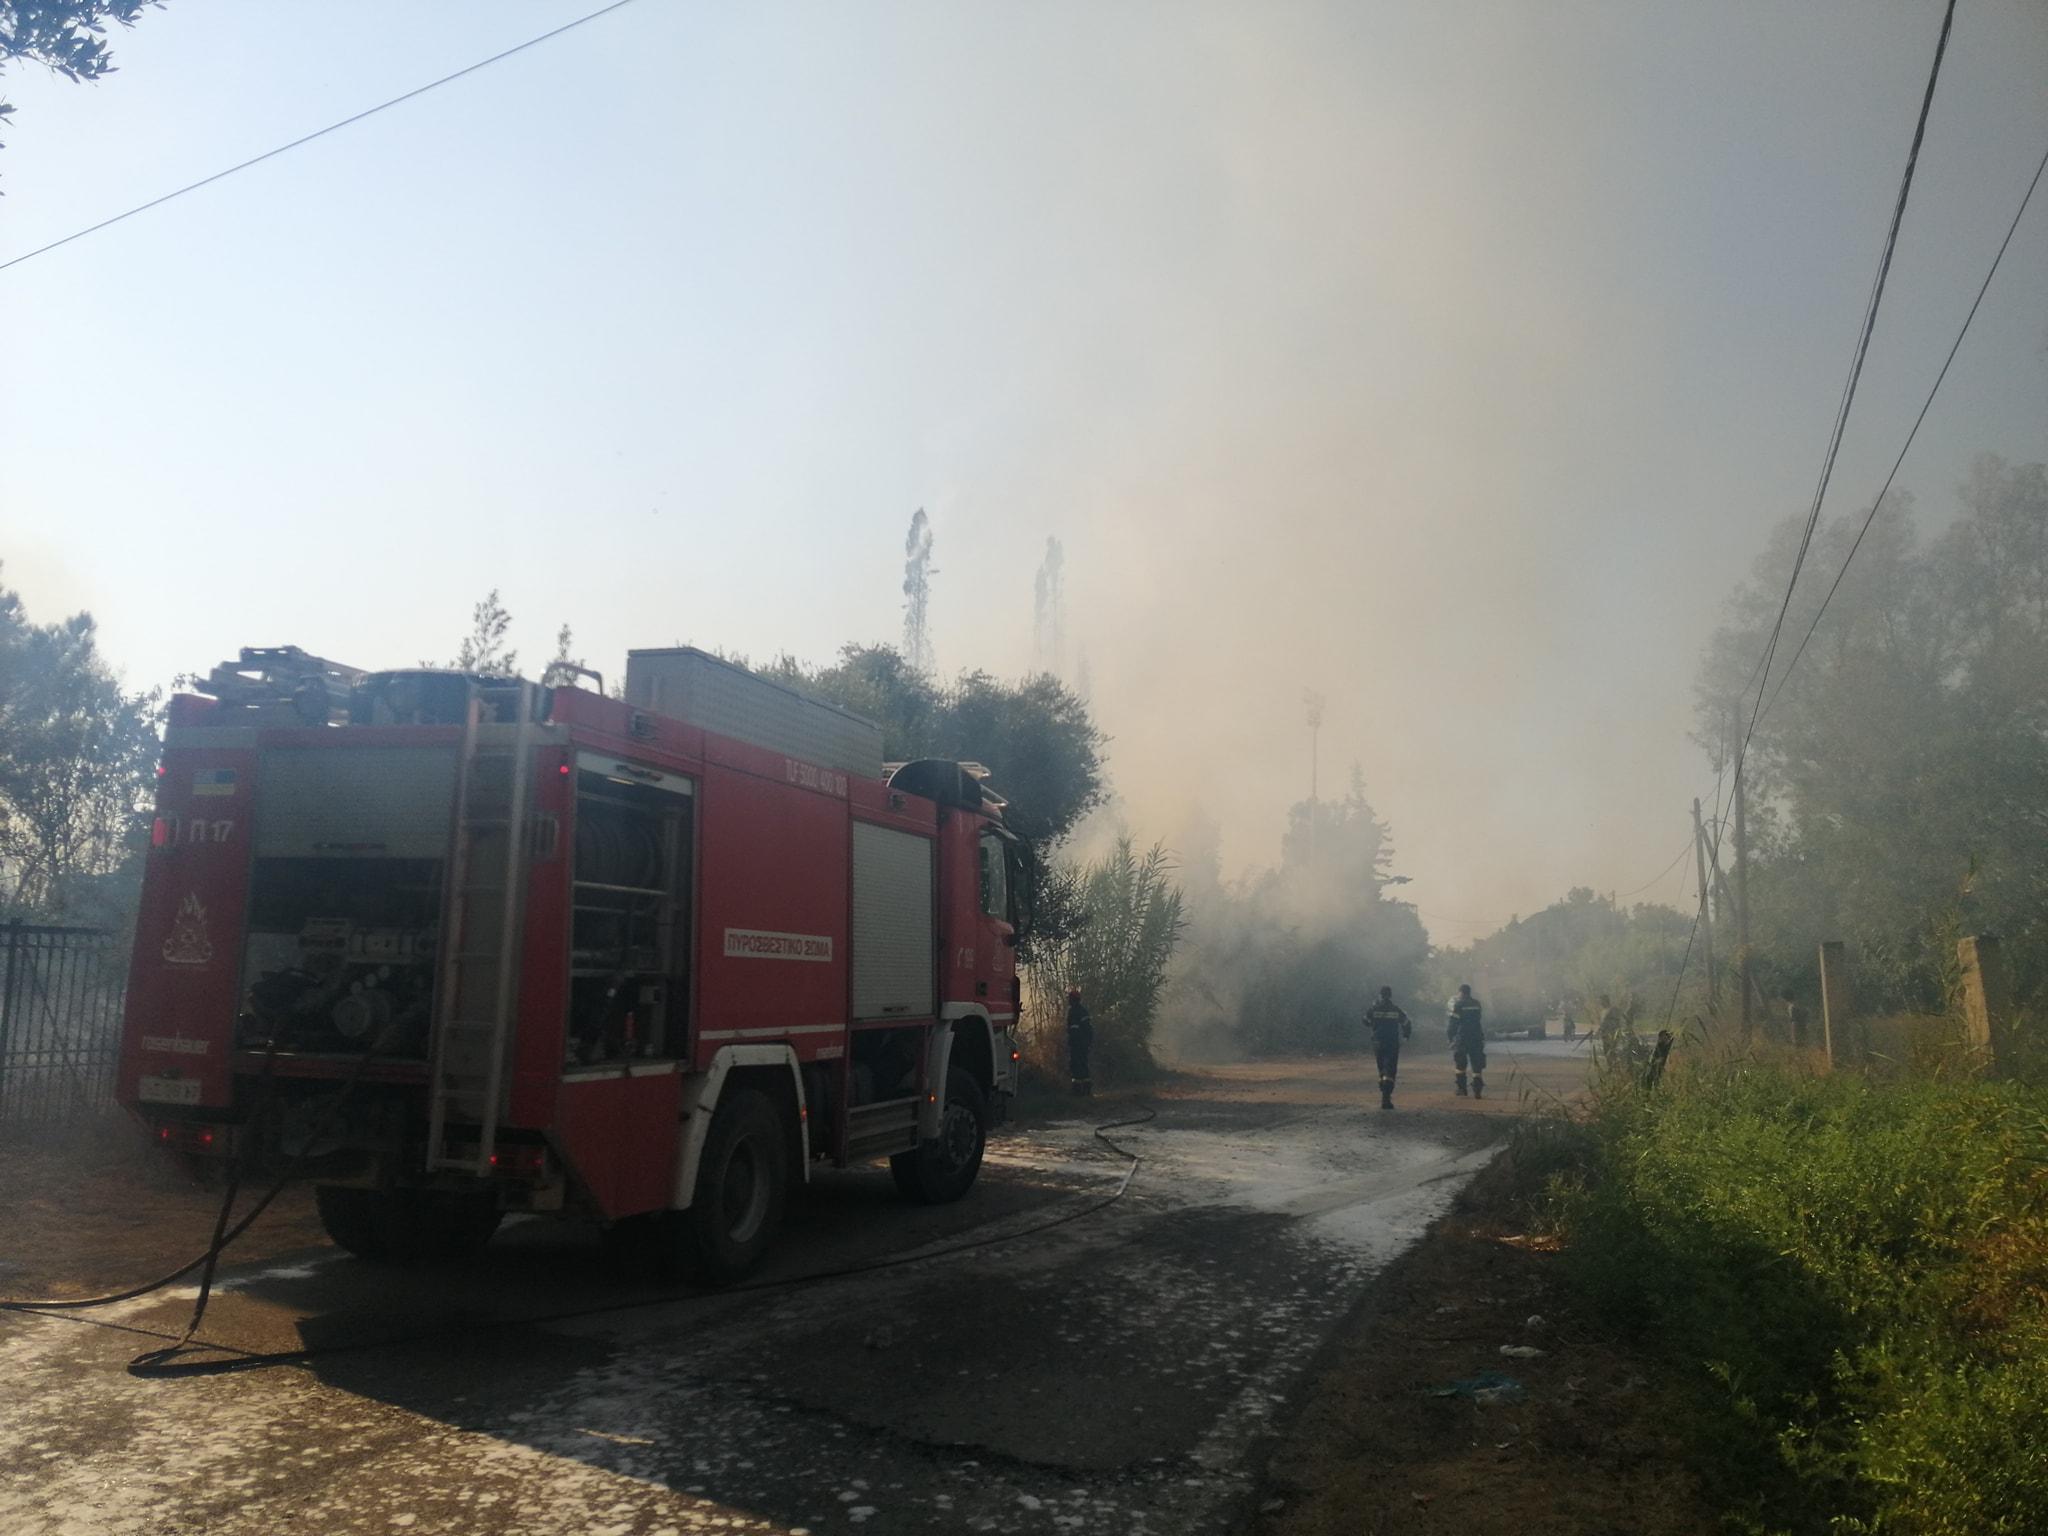 Λεχαινά: Τέθηκε υπό έλεγχο η φωτιά δίπλα στο δημοτικό γήπεδο με άμεση παρέμβαση της πυροσβεστικής και εναέριων μέσων (photos)